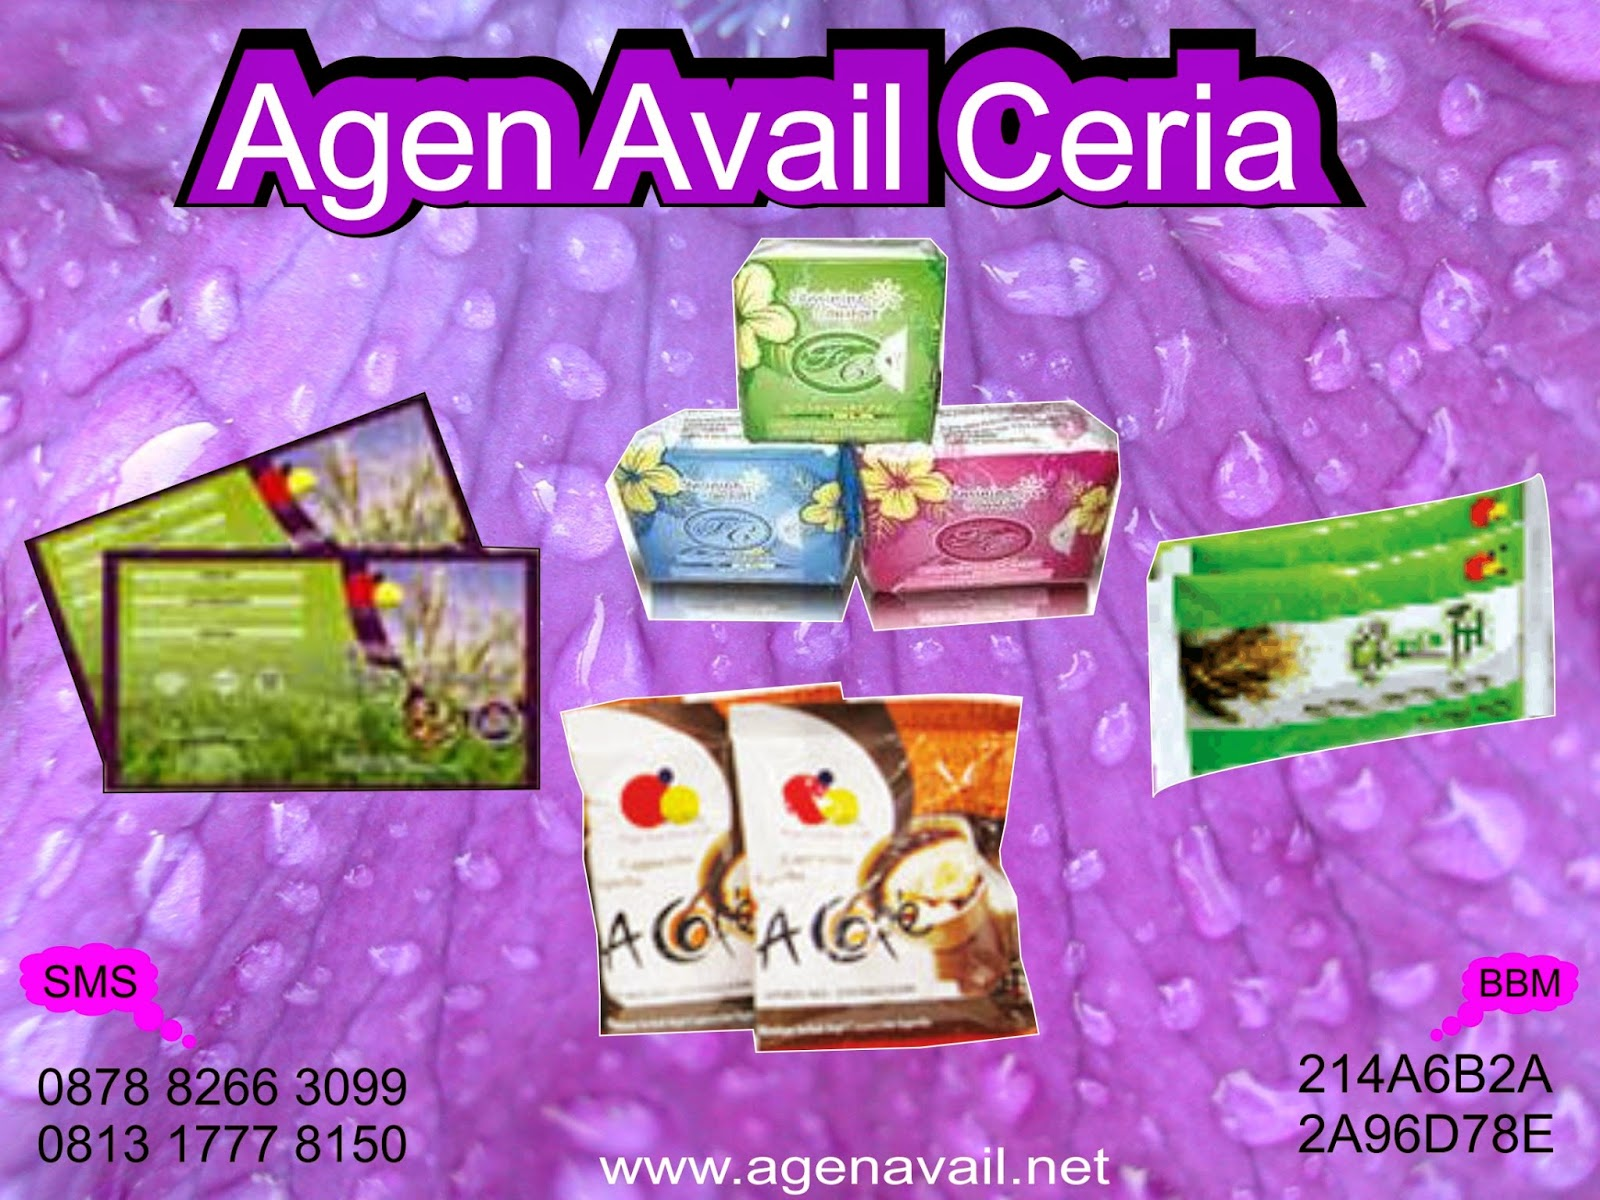 Distributor Resmi Pembalut Herbal Avail Di Pekanbaru 087882663099 Pantyliner Eceran Pekan Baru Bengkalis Indragiri Hilir Hulu Kampar Kuantan Singinrokan